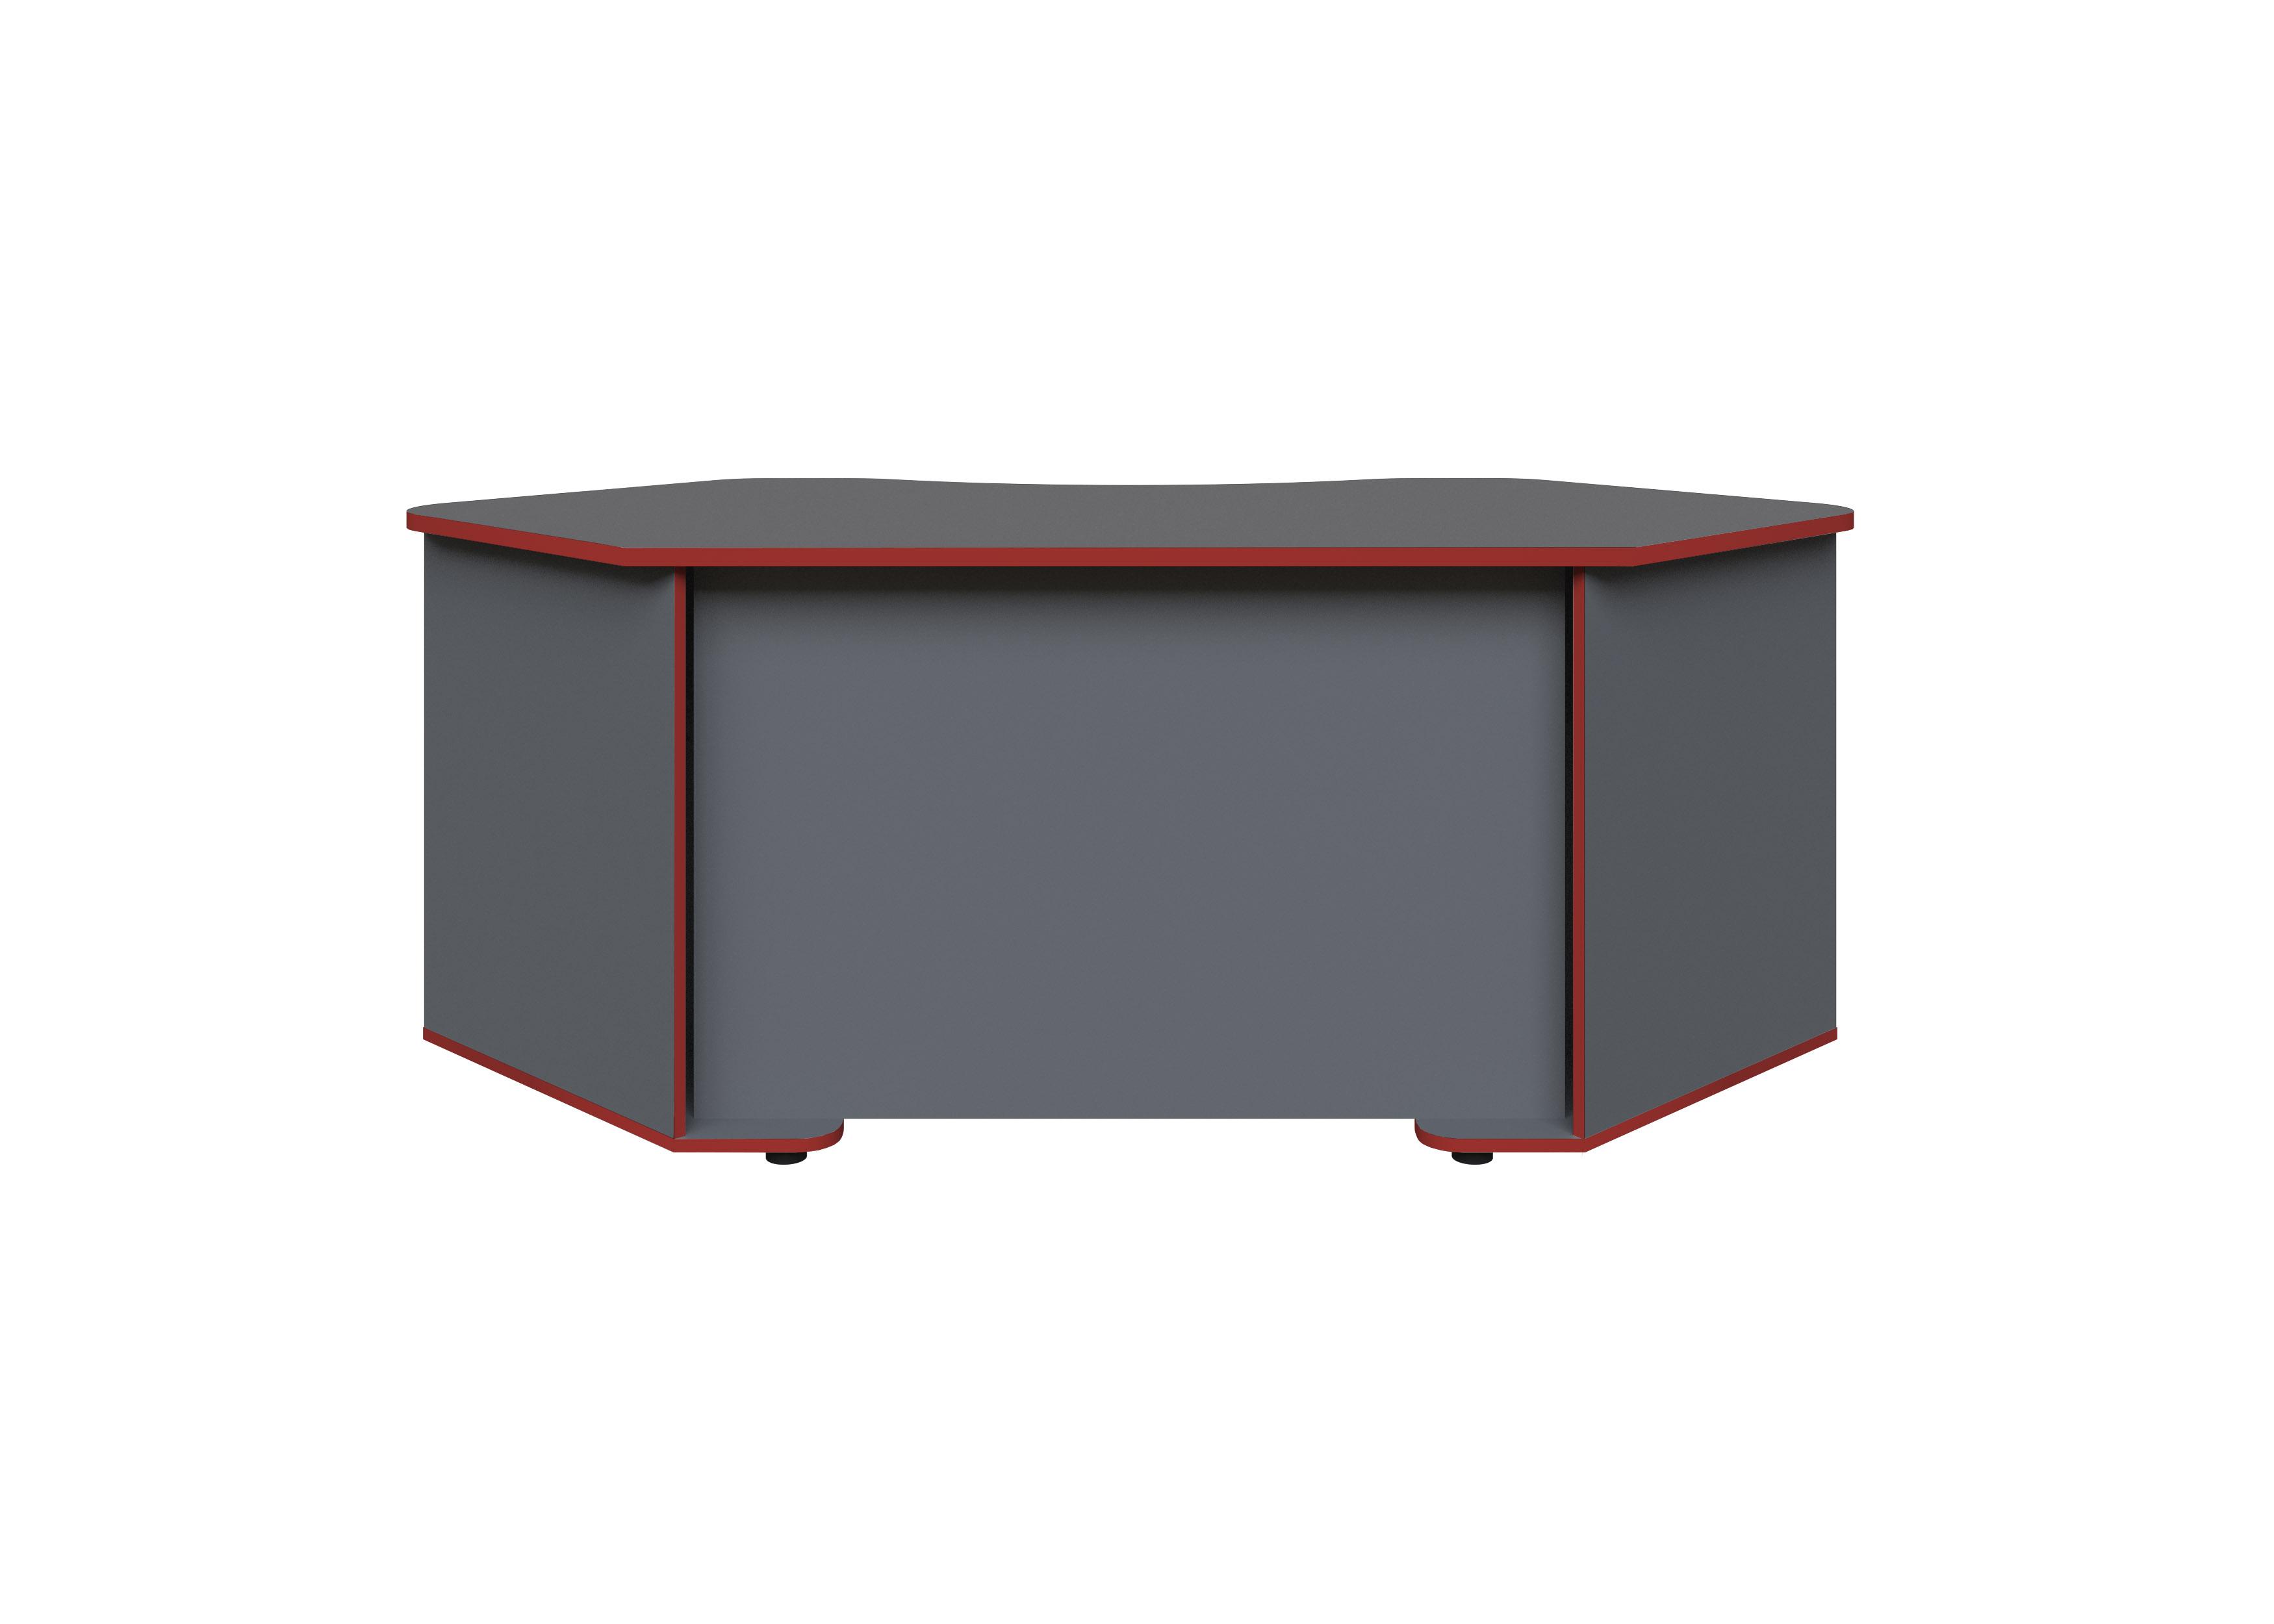 Gamingtisch Xeno, in Anthrazit/Rot für mehrere Monitore